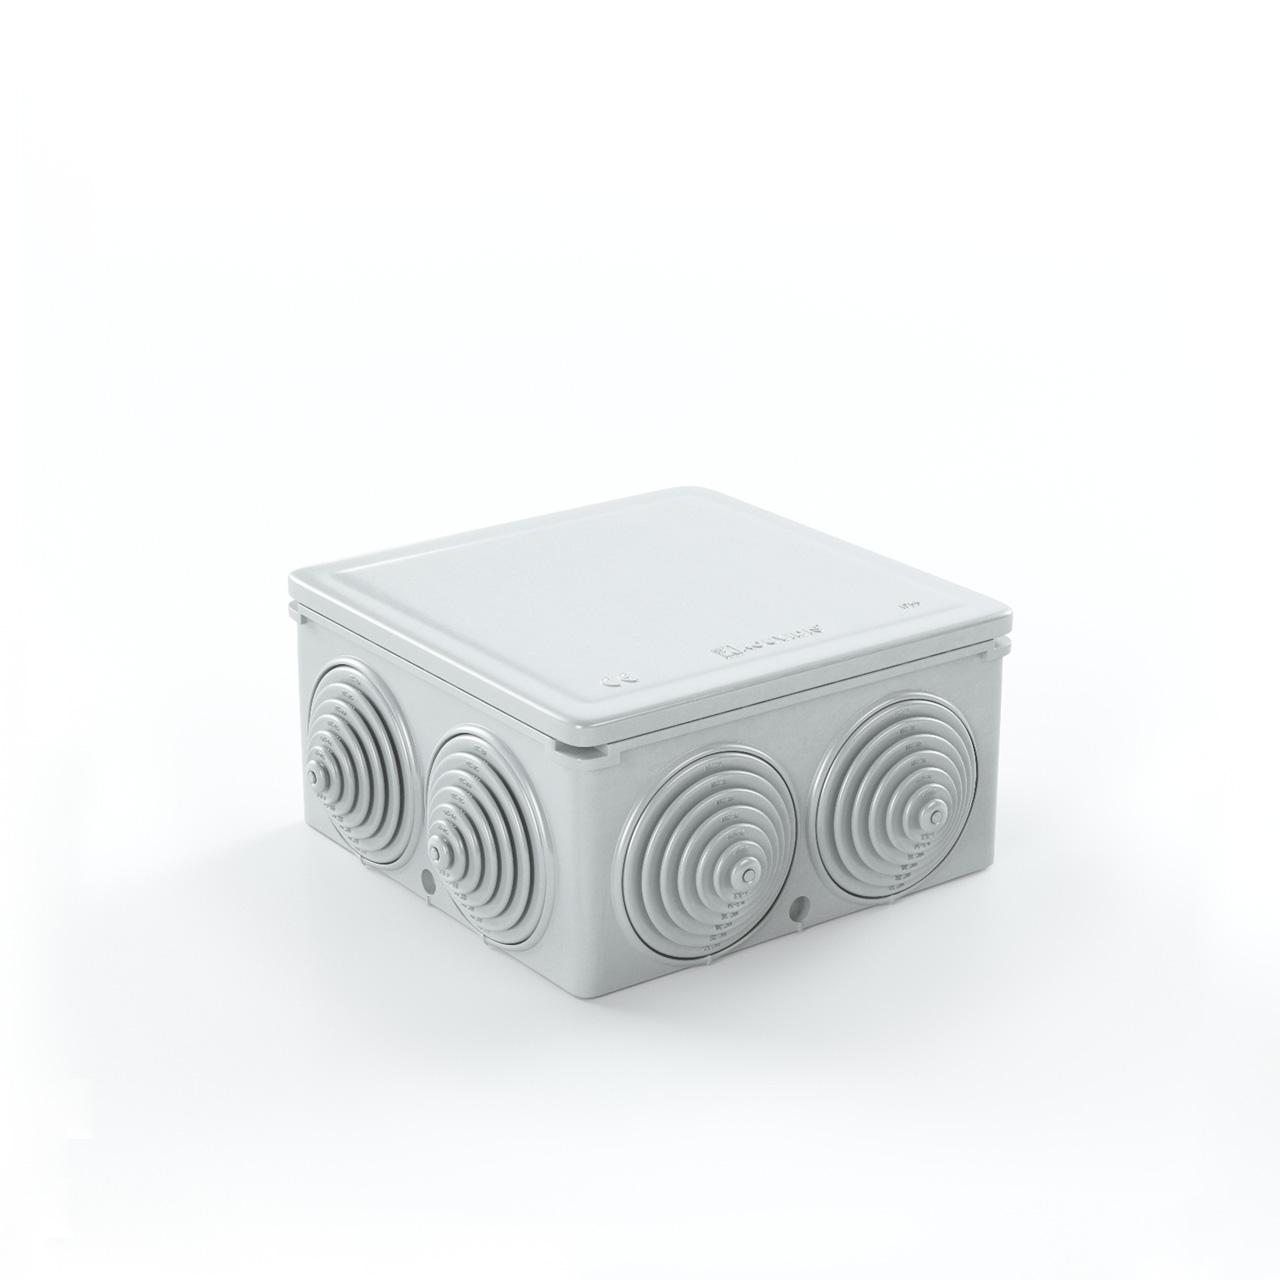 Στεγανό Τετράγωνο Κουτί Διακ/Σεως Condur Με Βαθμιδωτές Τάπες Φ25/32